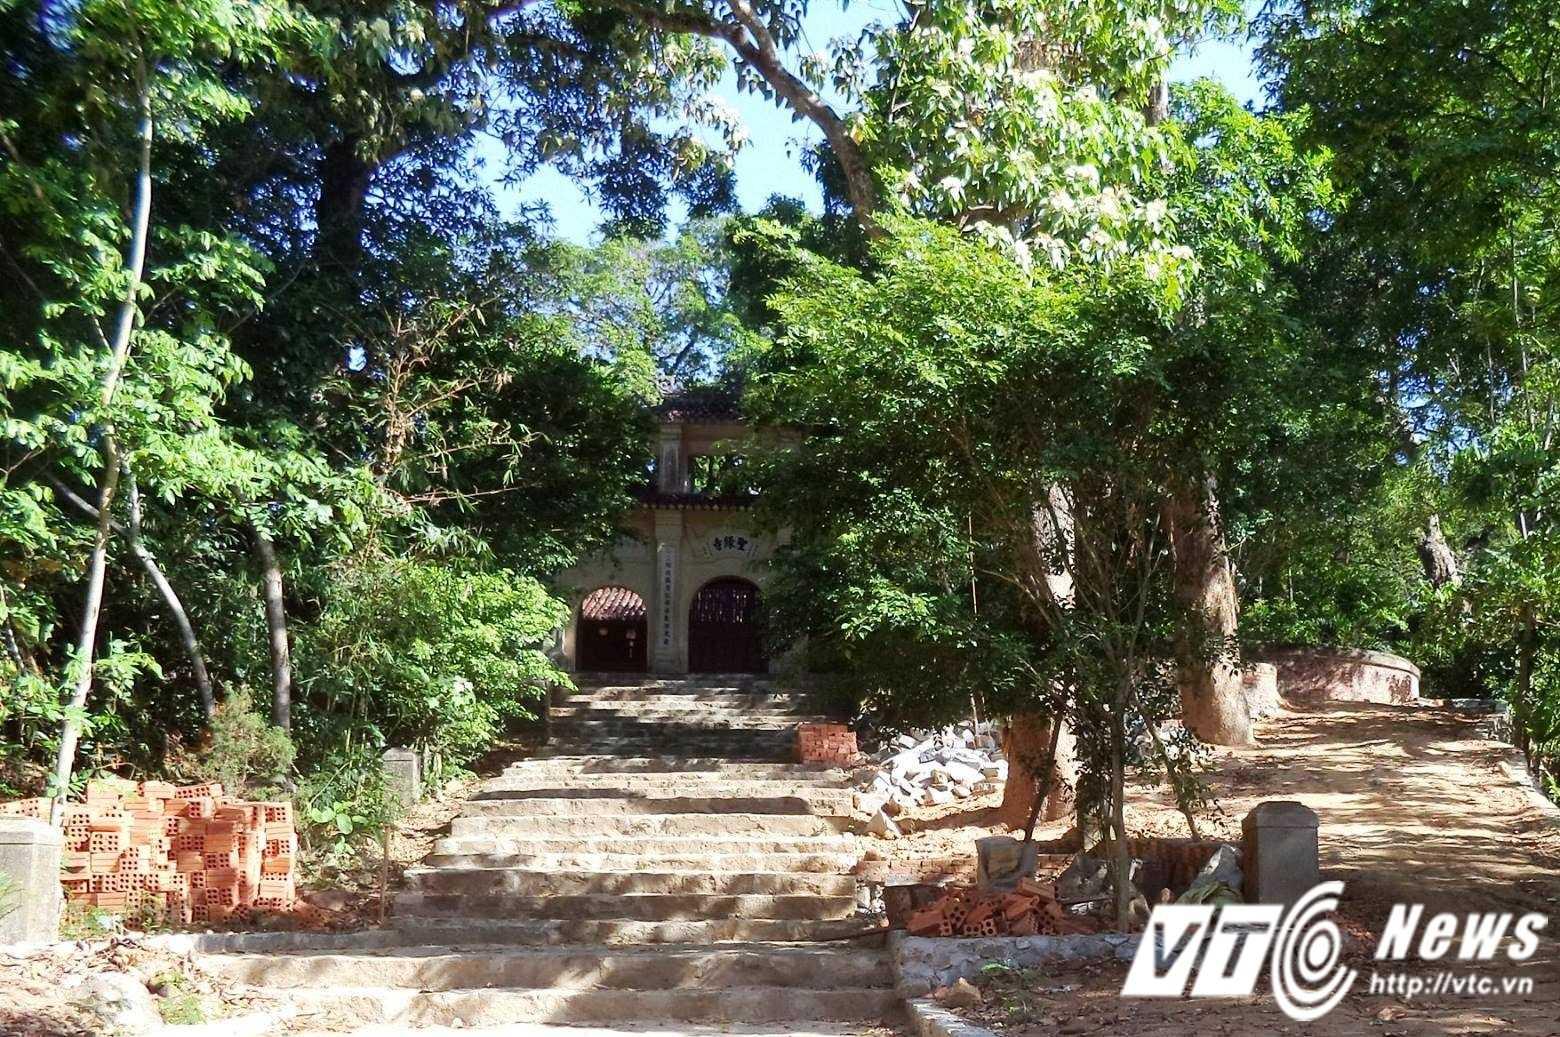 Từ khi về trị sự tại chùa Thánh Duyên, Đại đức Thích Minh Chính nhiều lần tư ý đốn hạ cây cổ thụ và xây dựng công trình trái phép.